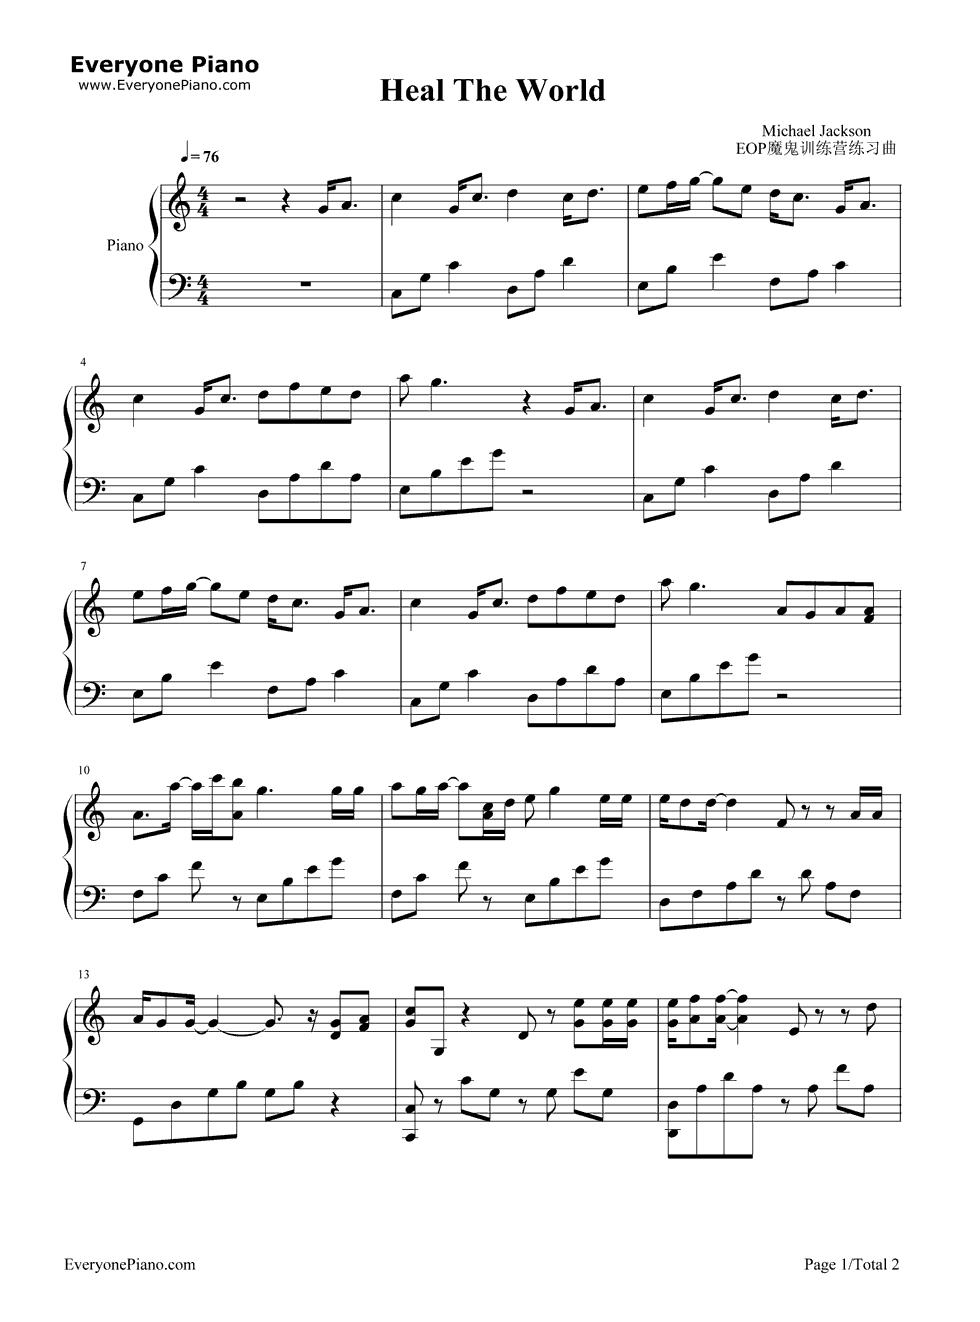 song of healing piano tutorial